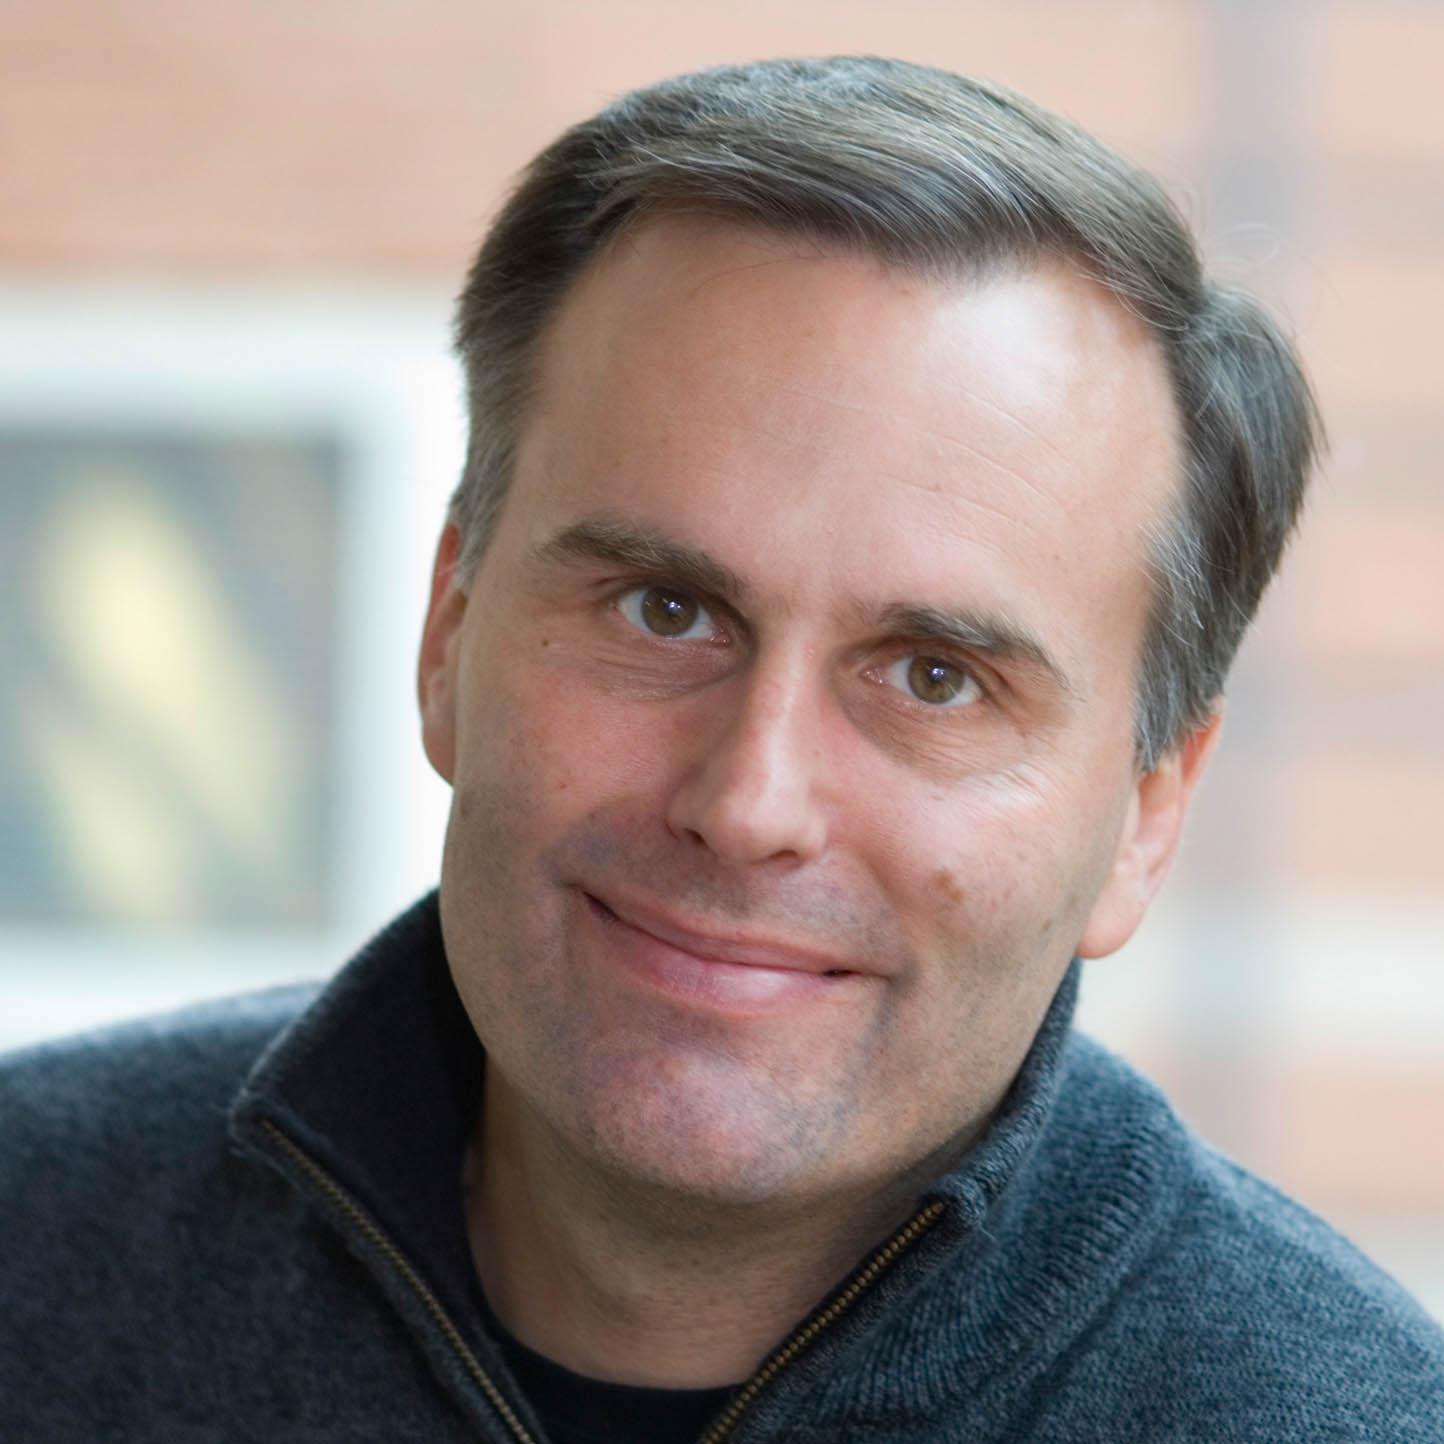 Craig Roy